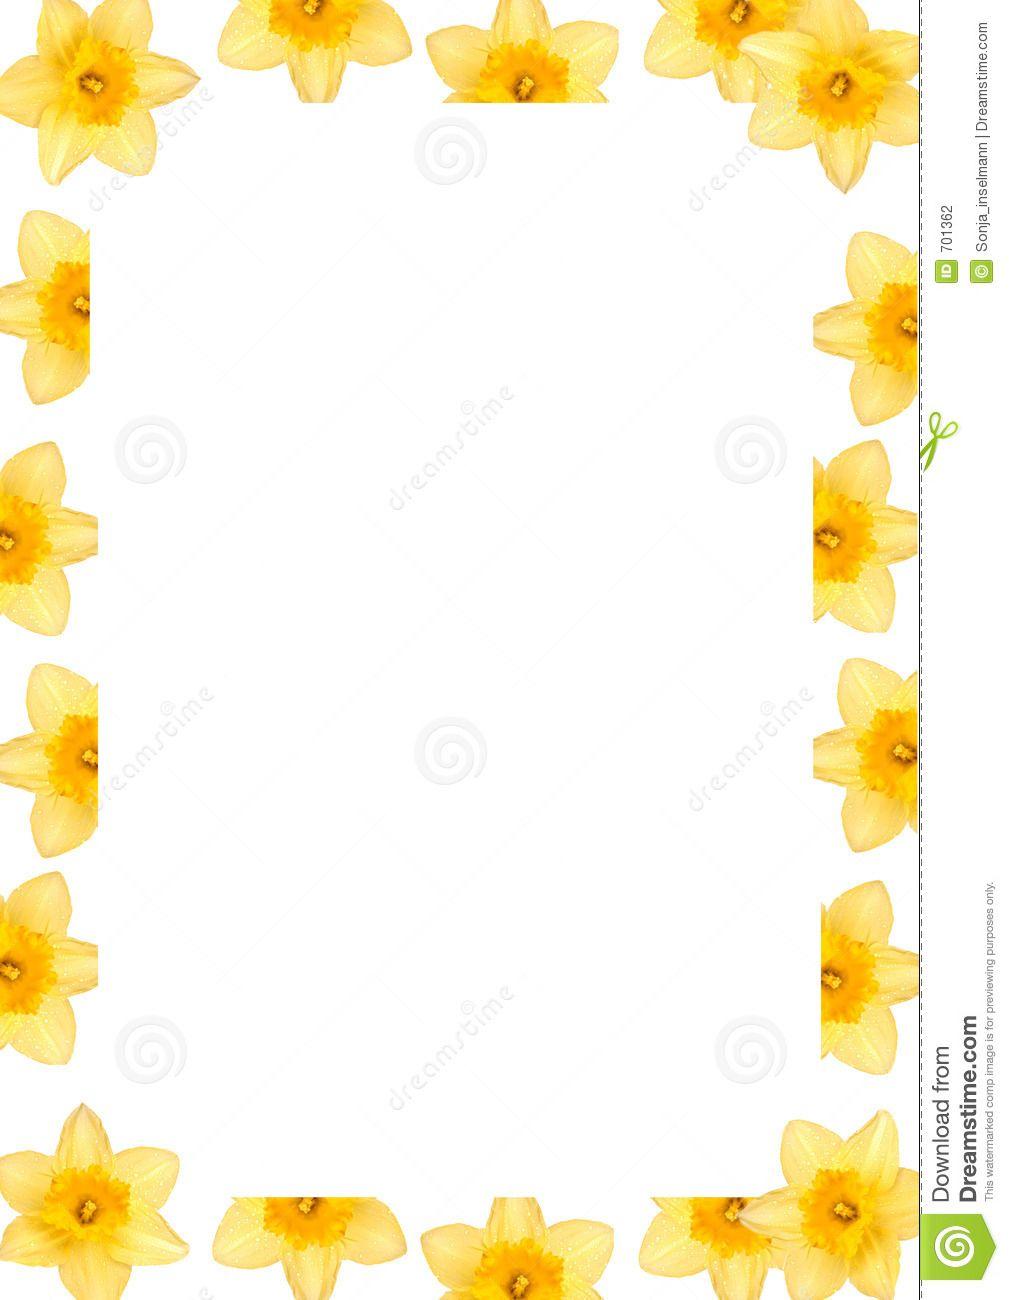 Daffodil border clipart clip art freeuse stock daffodil clip art - Google Search | Nutrition | Daffodils, Frame ... clip art freeuse stock